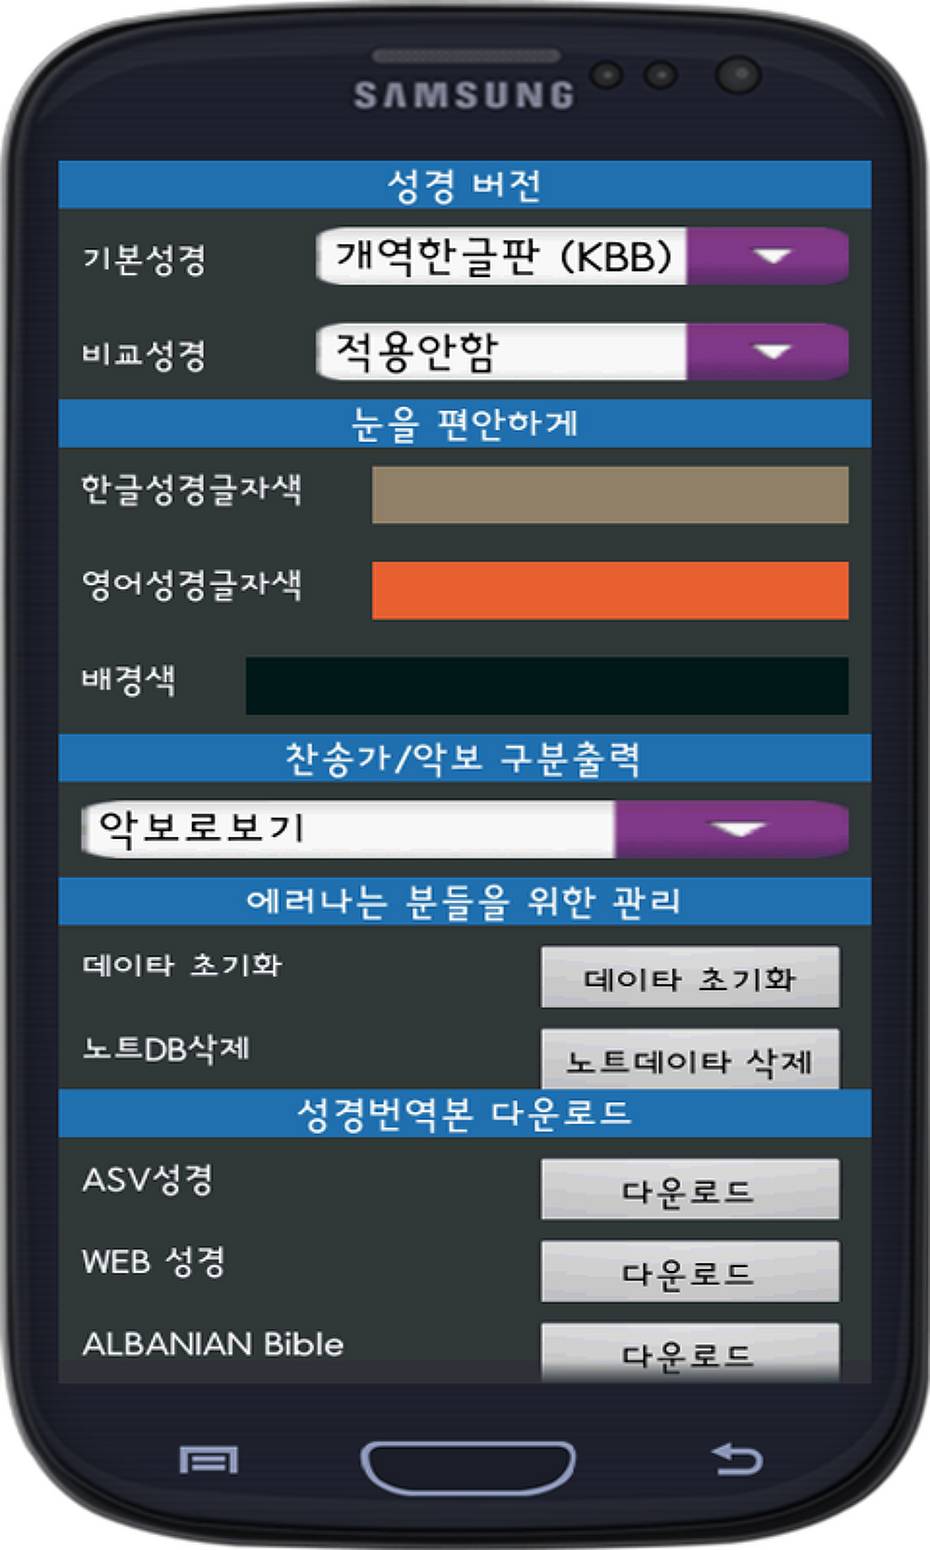 성경책&찬송가 앱 신규업데이트 알림